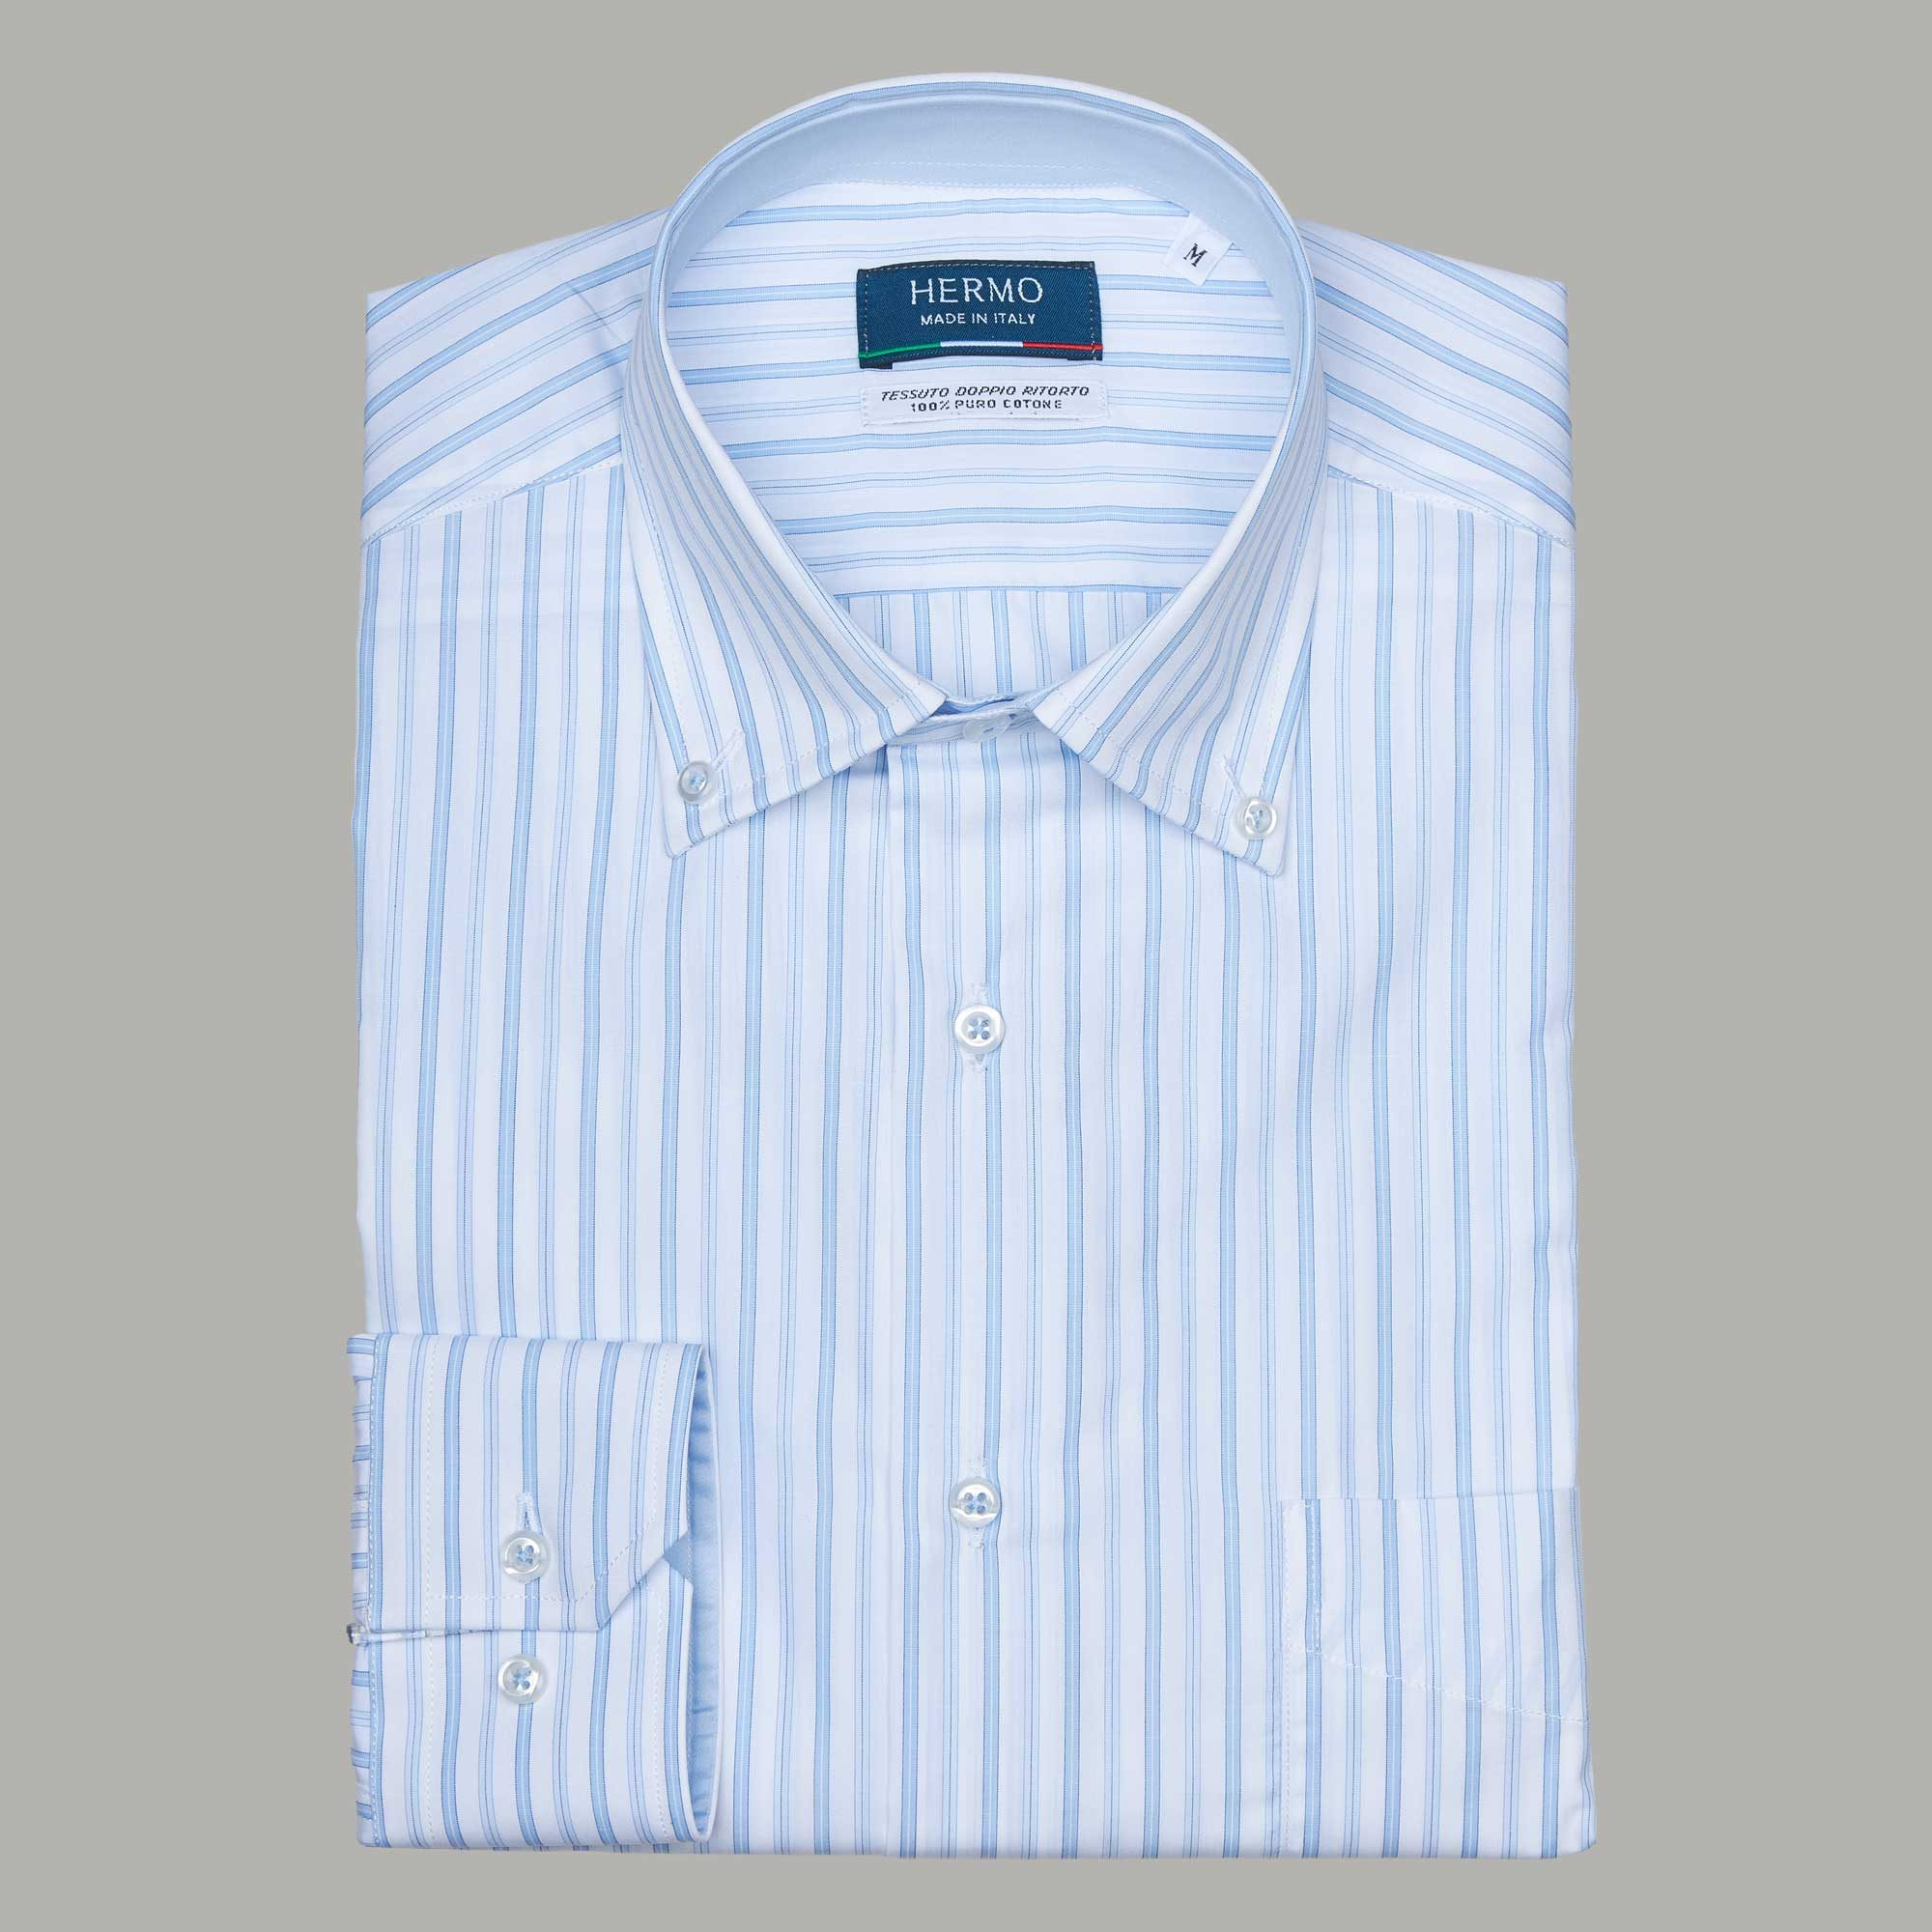 Camicia da uomo azzurra a righe puro cotone doppio ritorto